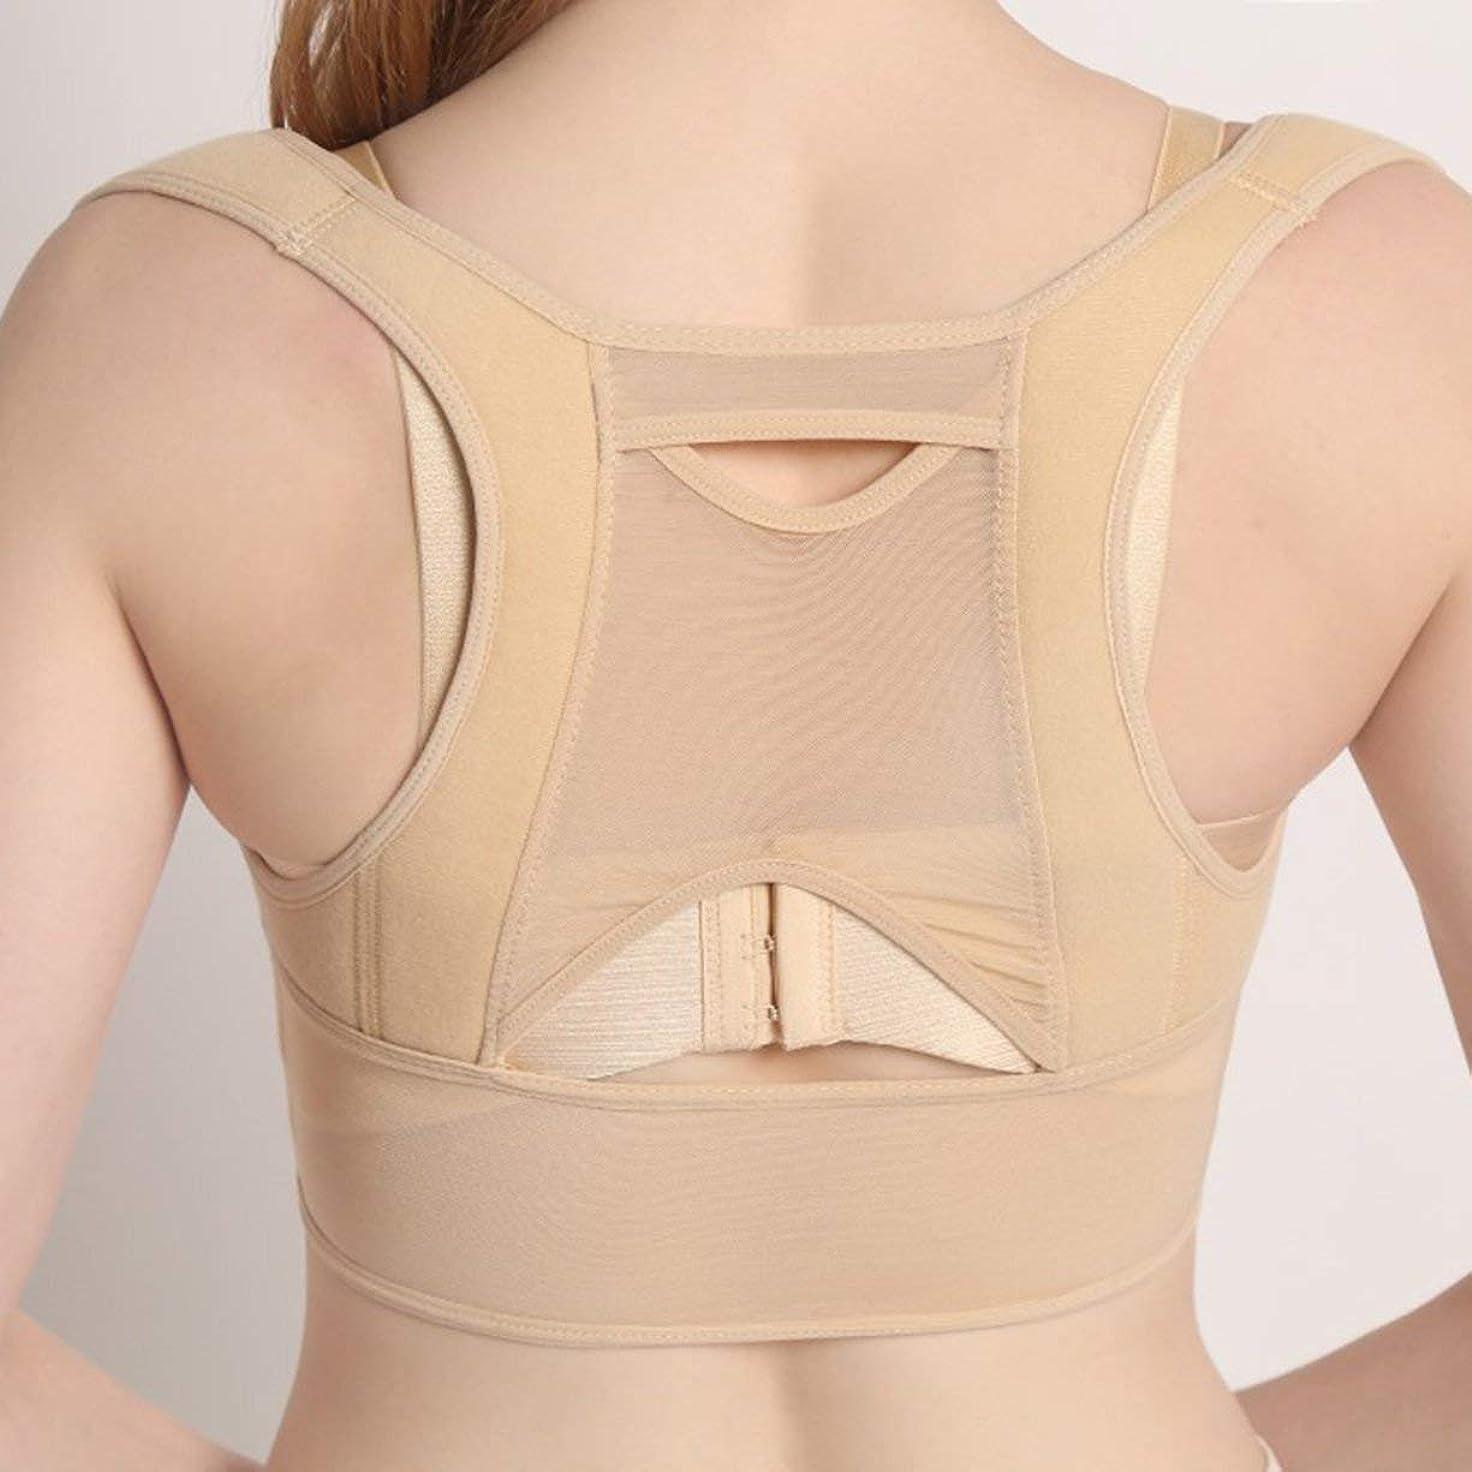 知る浸食トレード通気性のある女性バック姿勢矯正コルセット整形外科用アッパーバックショルダー脊椎姿勢矯正腰椎サポート - ベージュホワイト